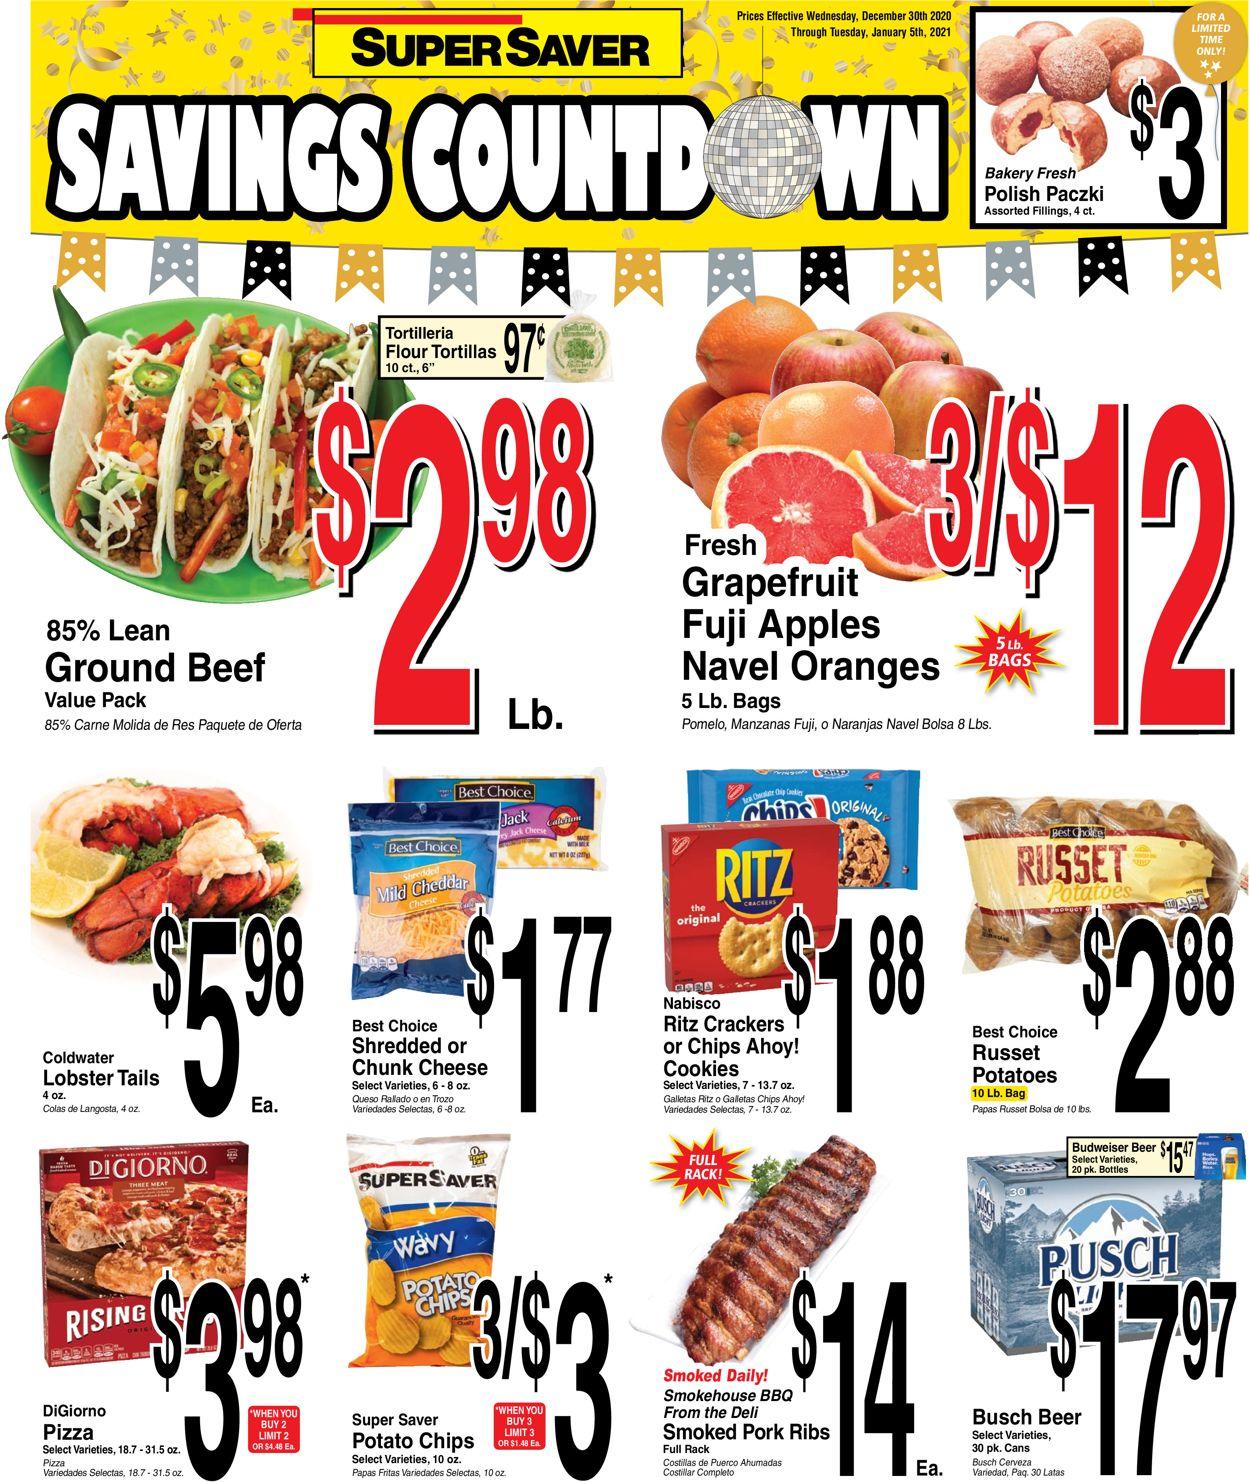 Super Saver Weekly Ad Circular - valid 12/30-01/05/2021